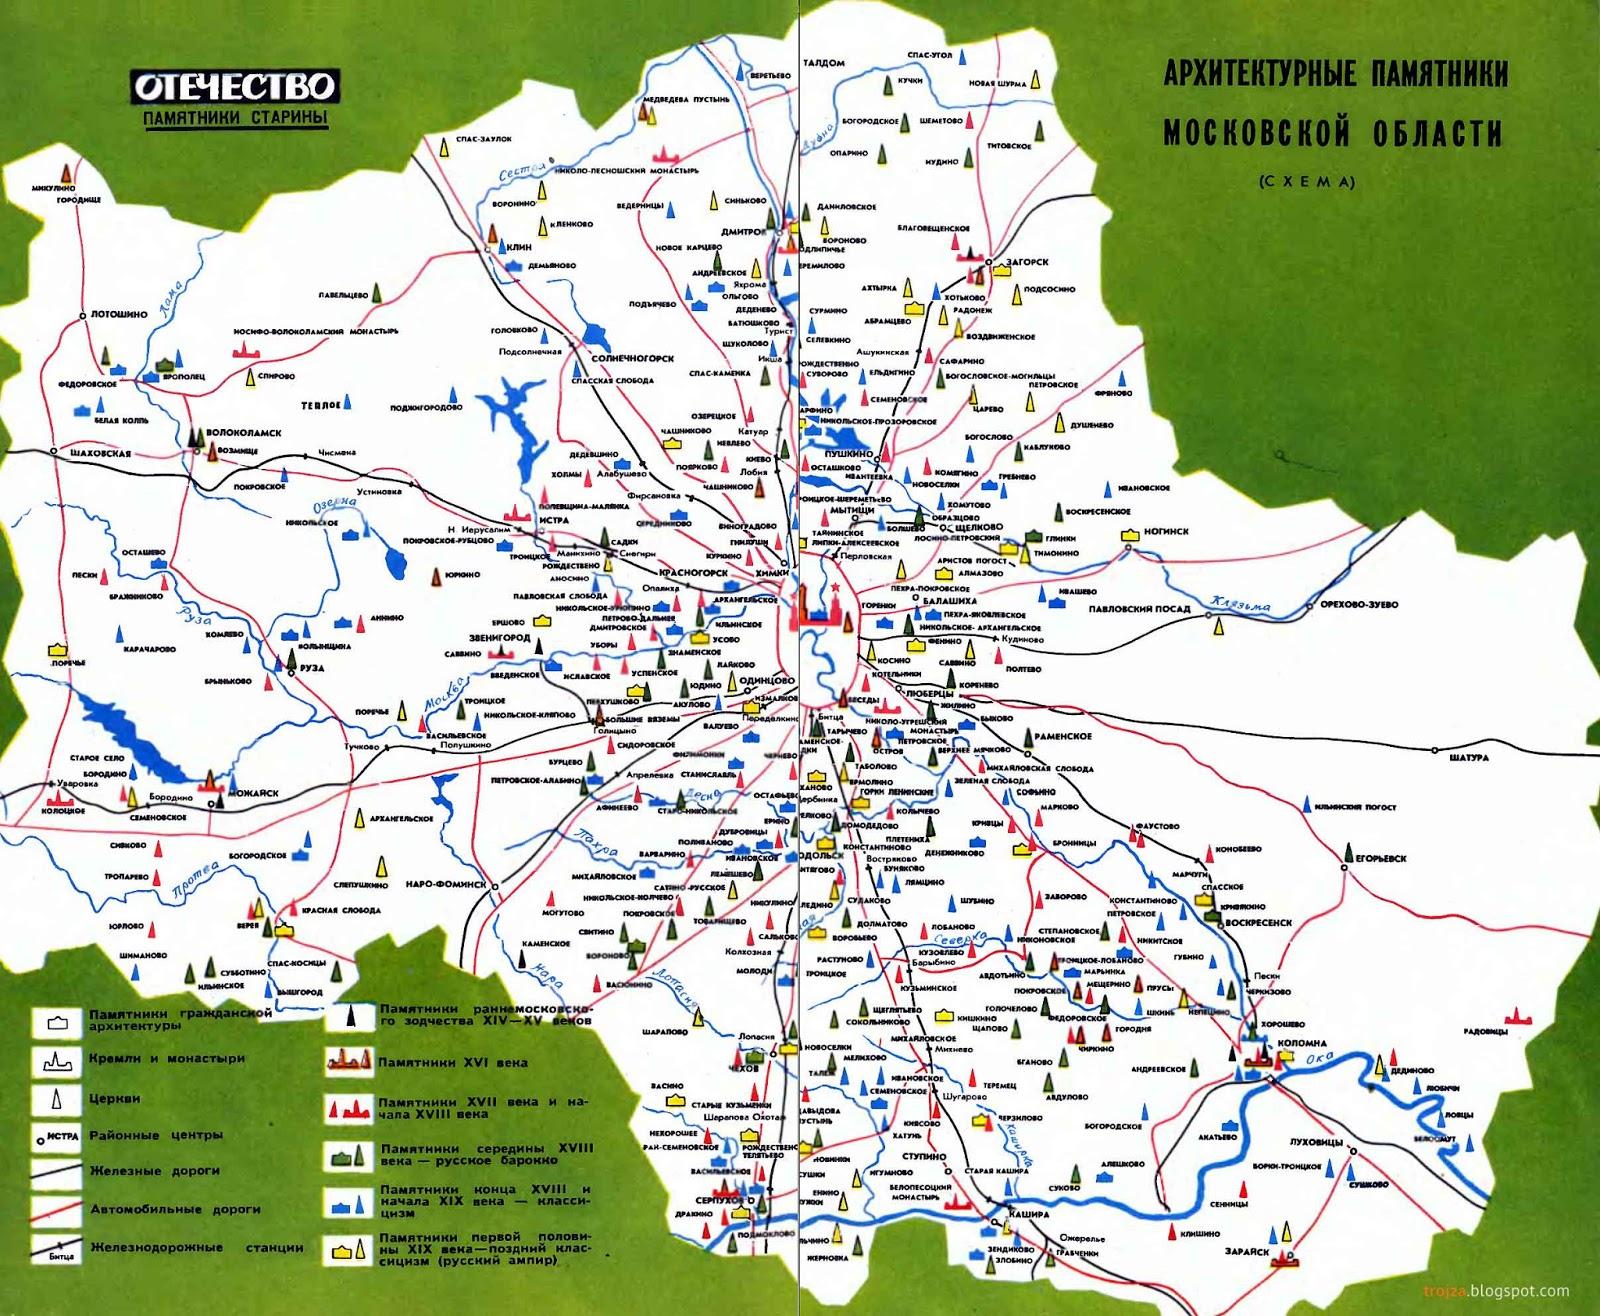 карта схема московской области фото